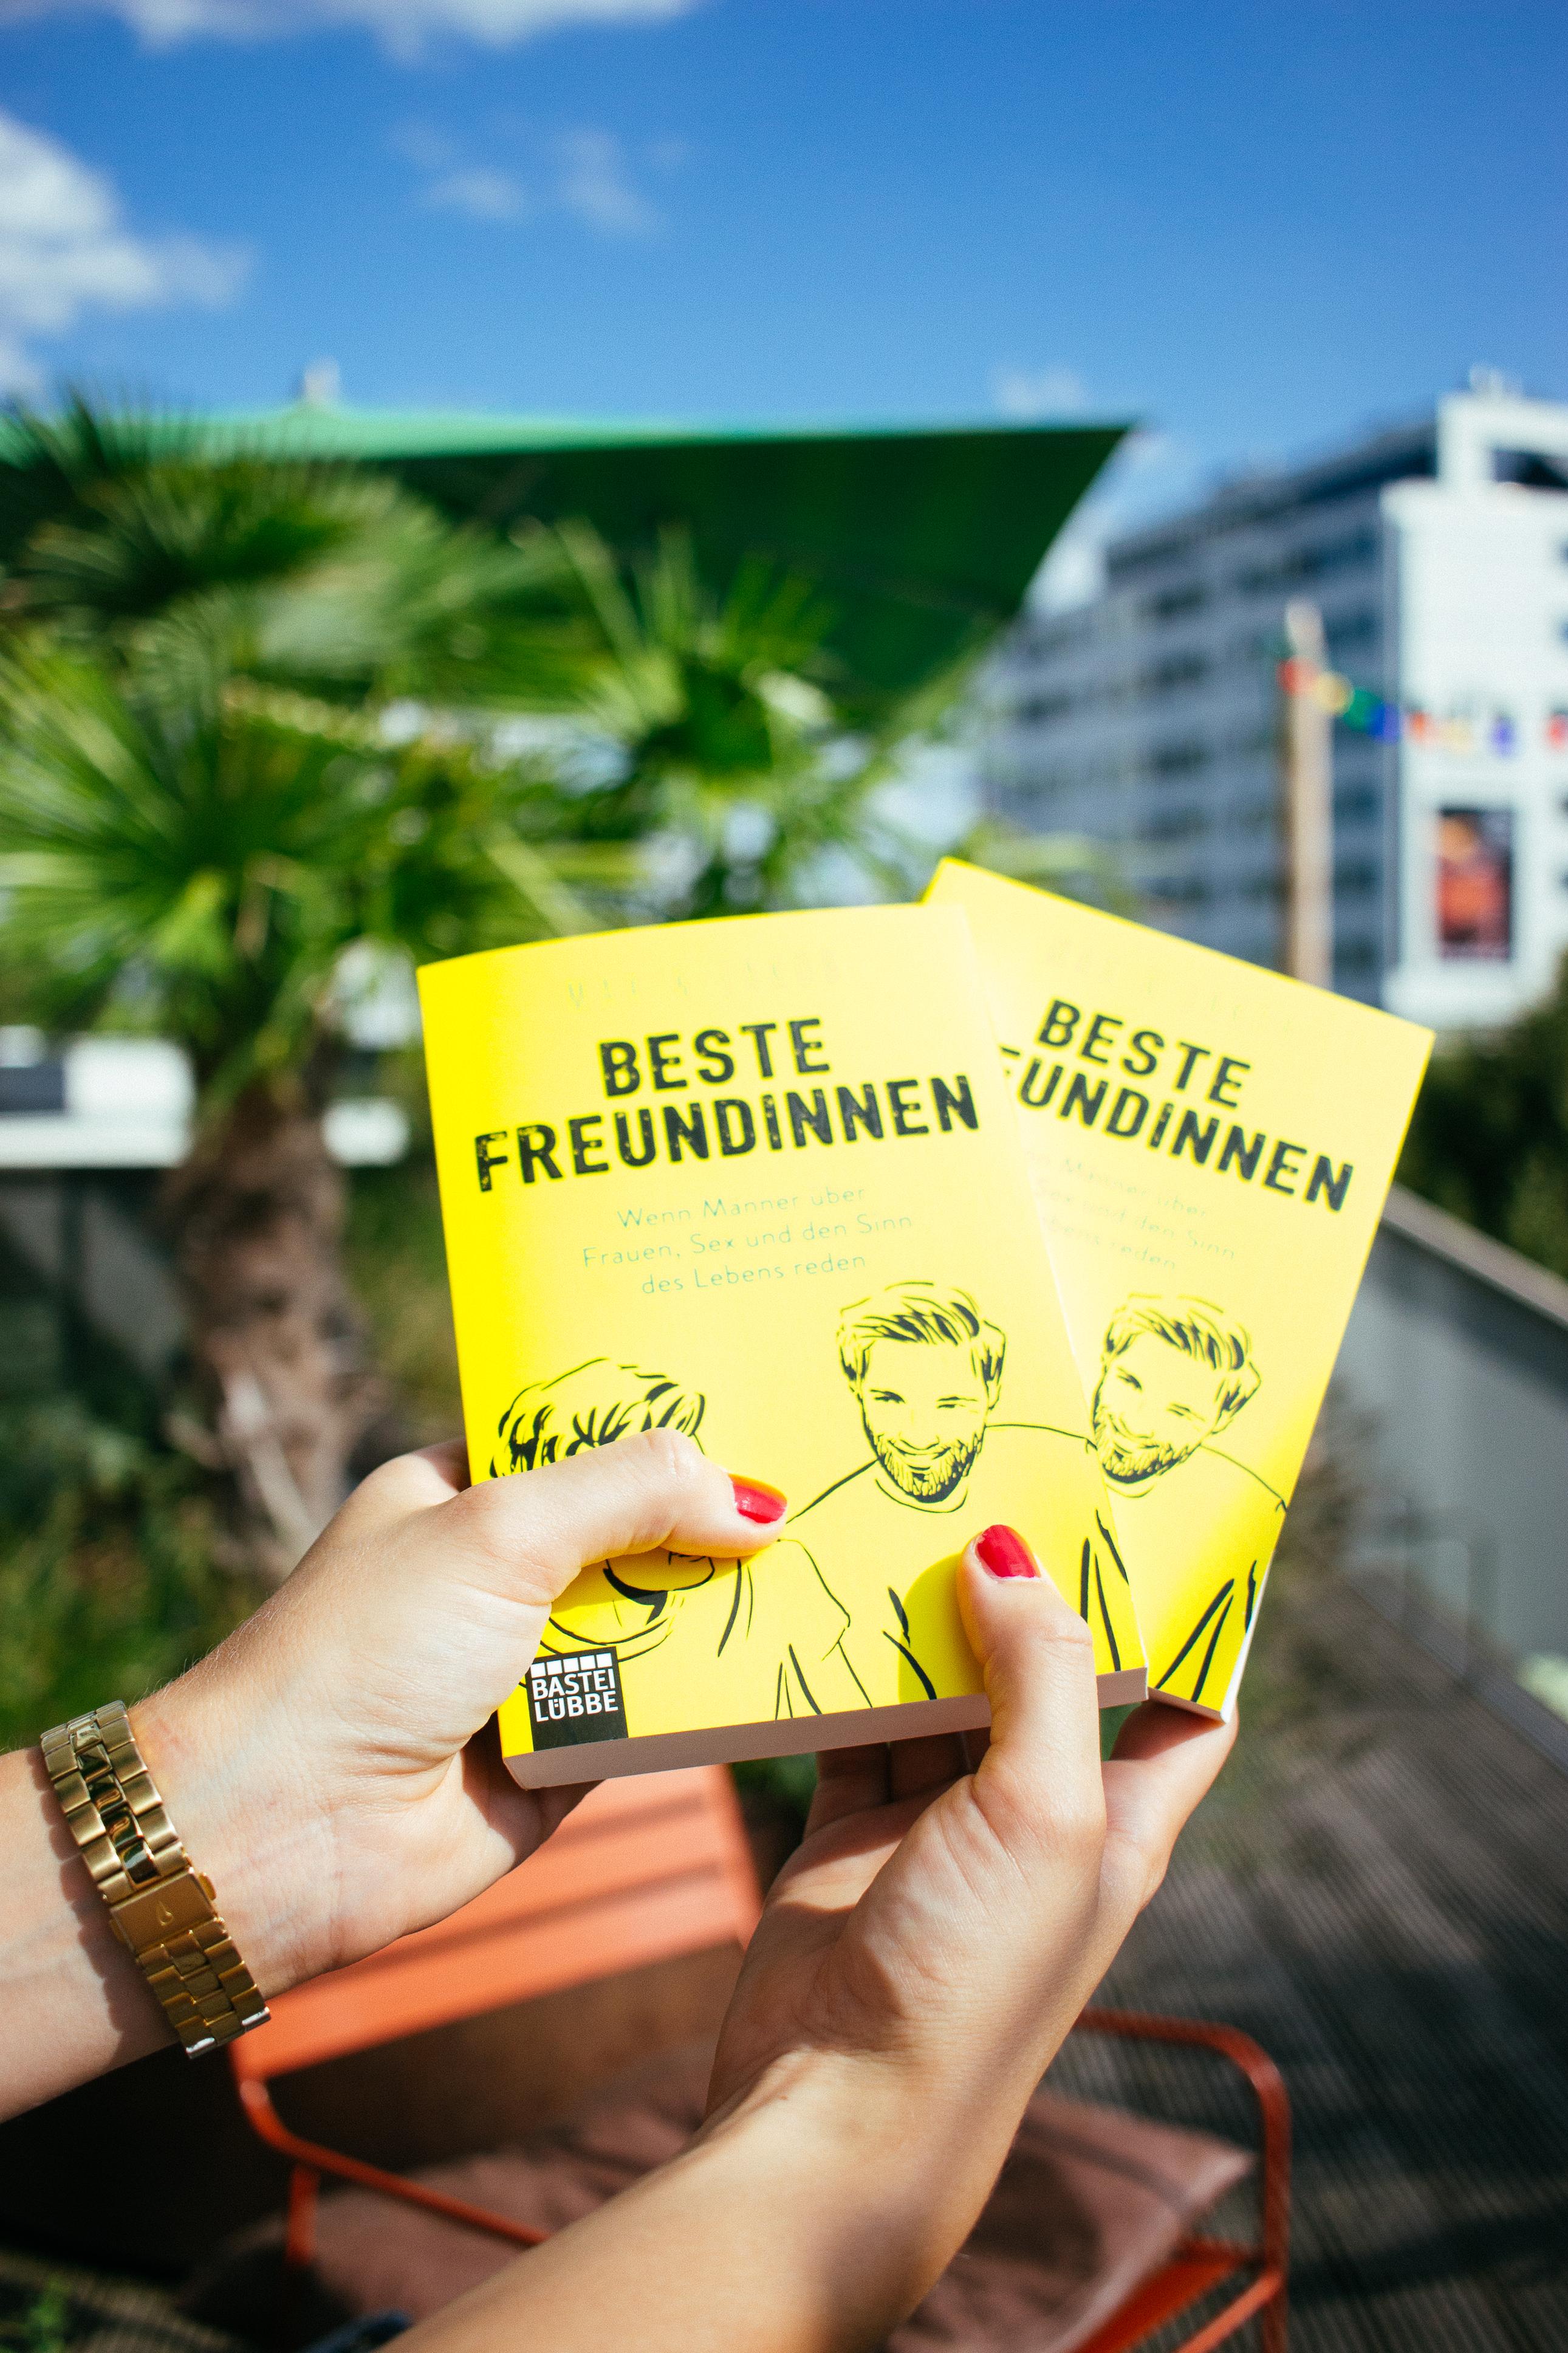 beste freundinnen_podcast_berlin_25h hotel_annabelle sagt6